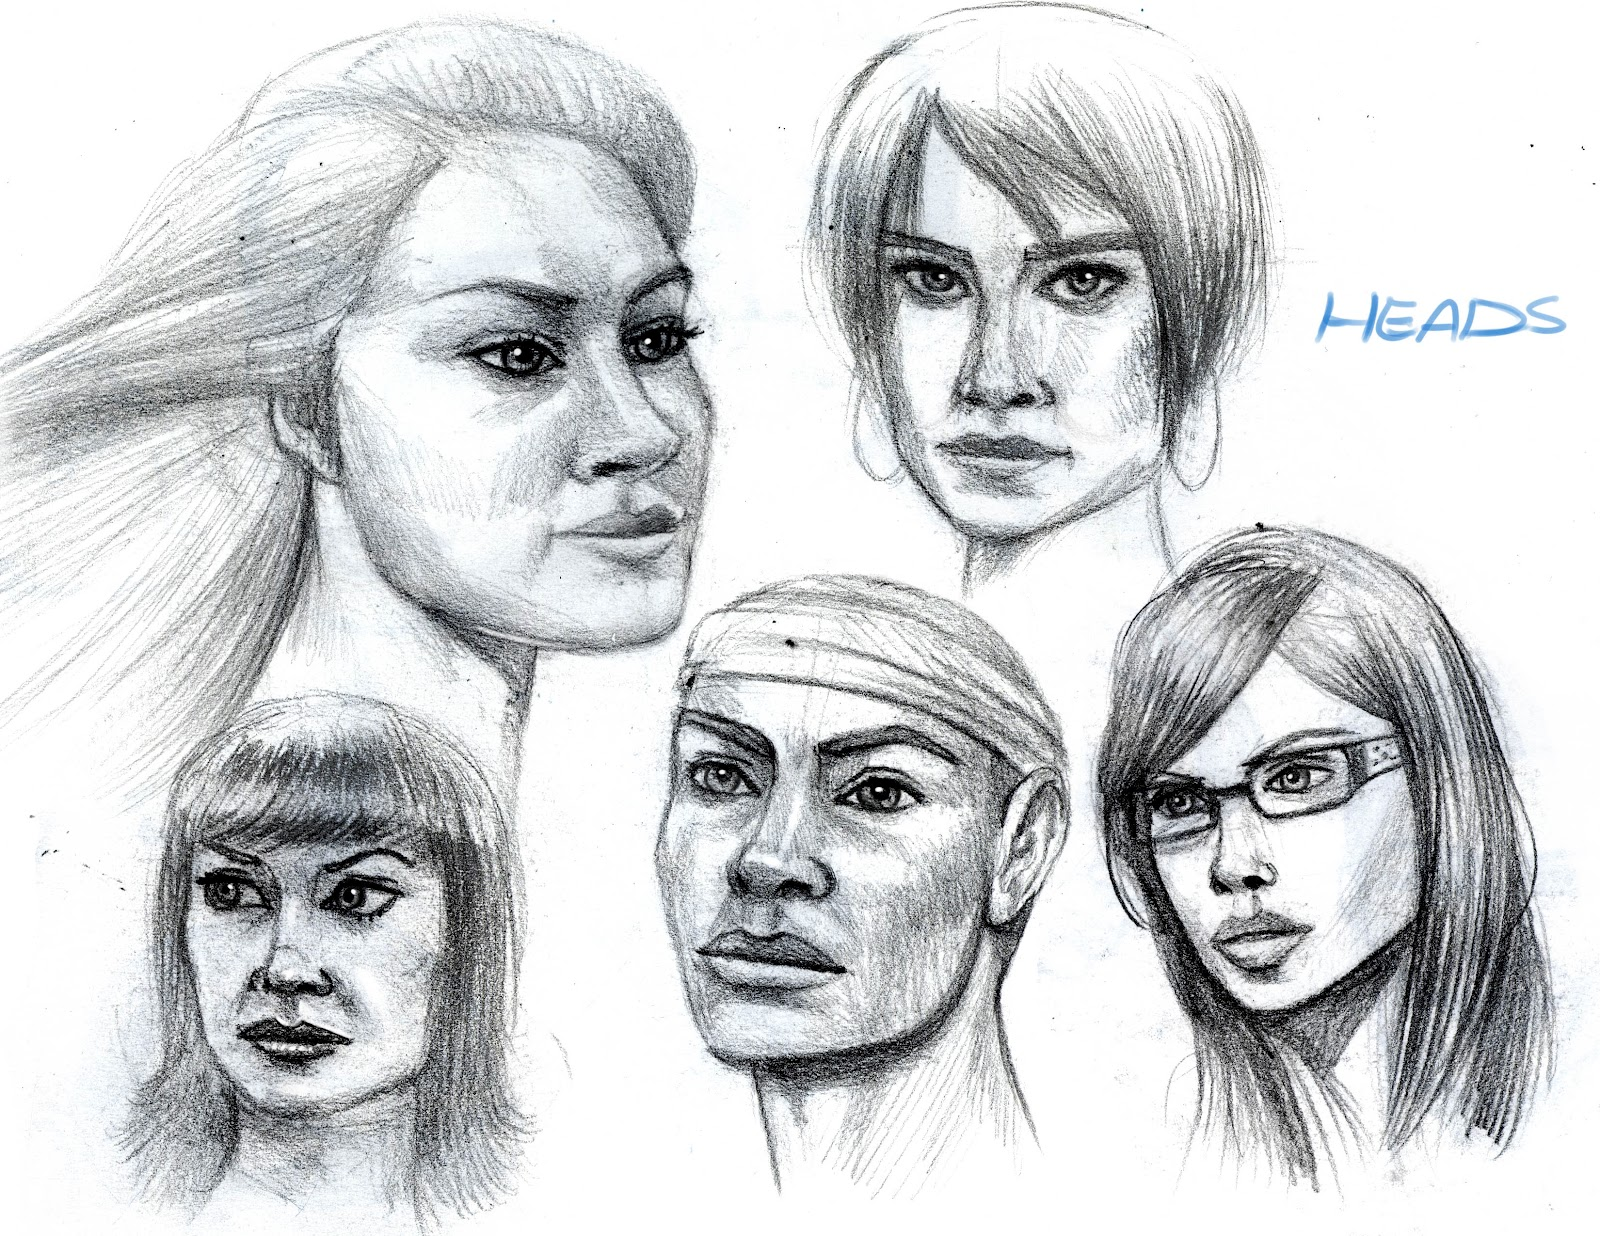 Arash Rod's Art: Heads Drawings